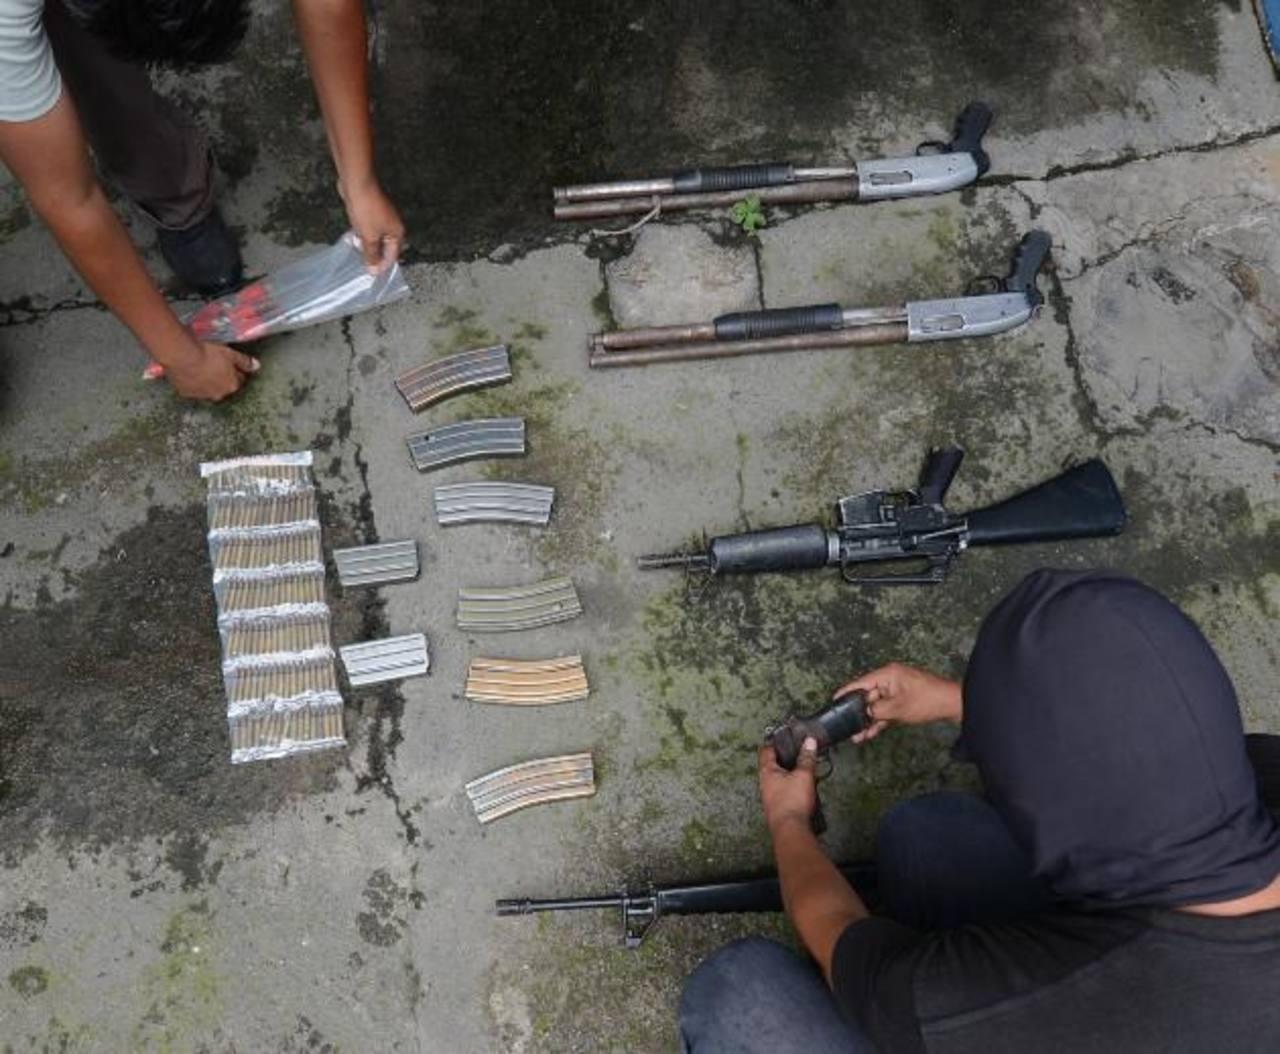 Policía sorprendió a un grupo de sujetos en una finca, carretera al Boquerón, en Quezaltepeque con un lote de armas.